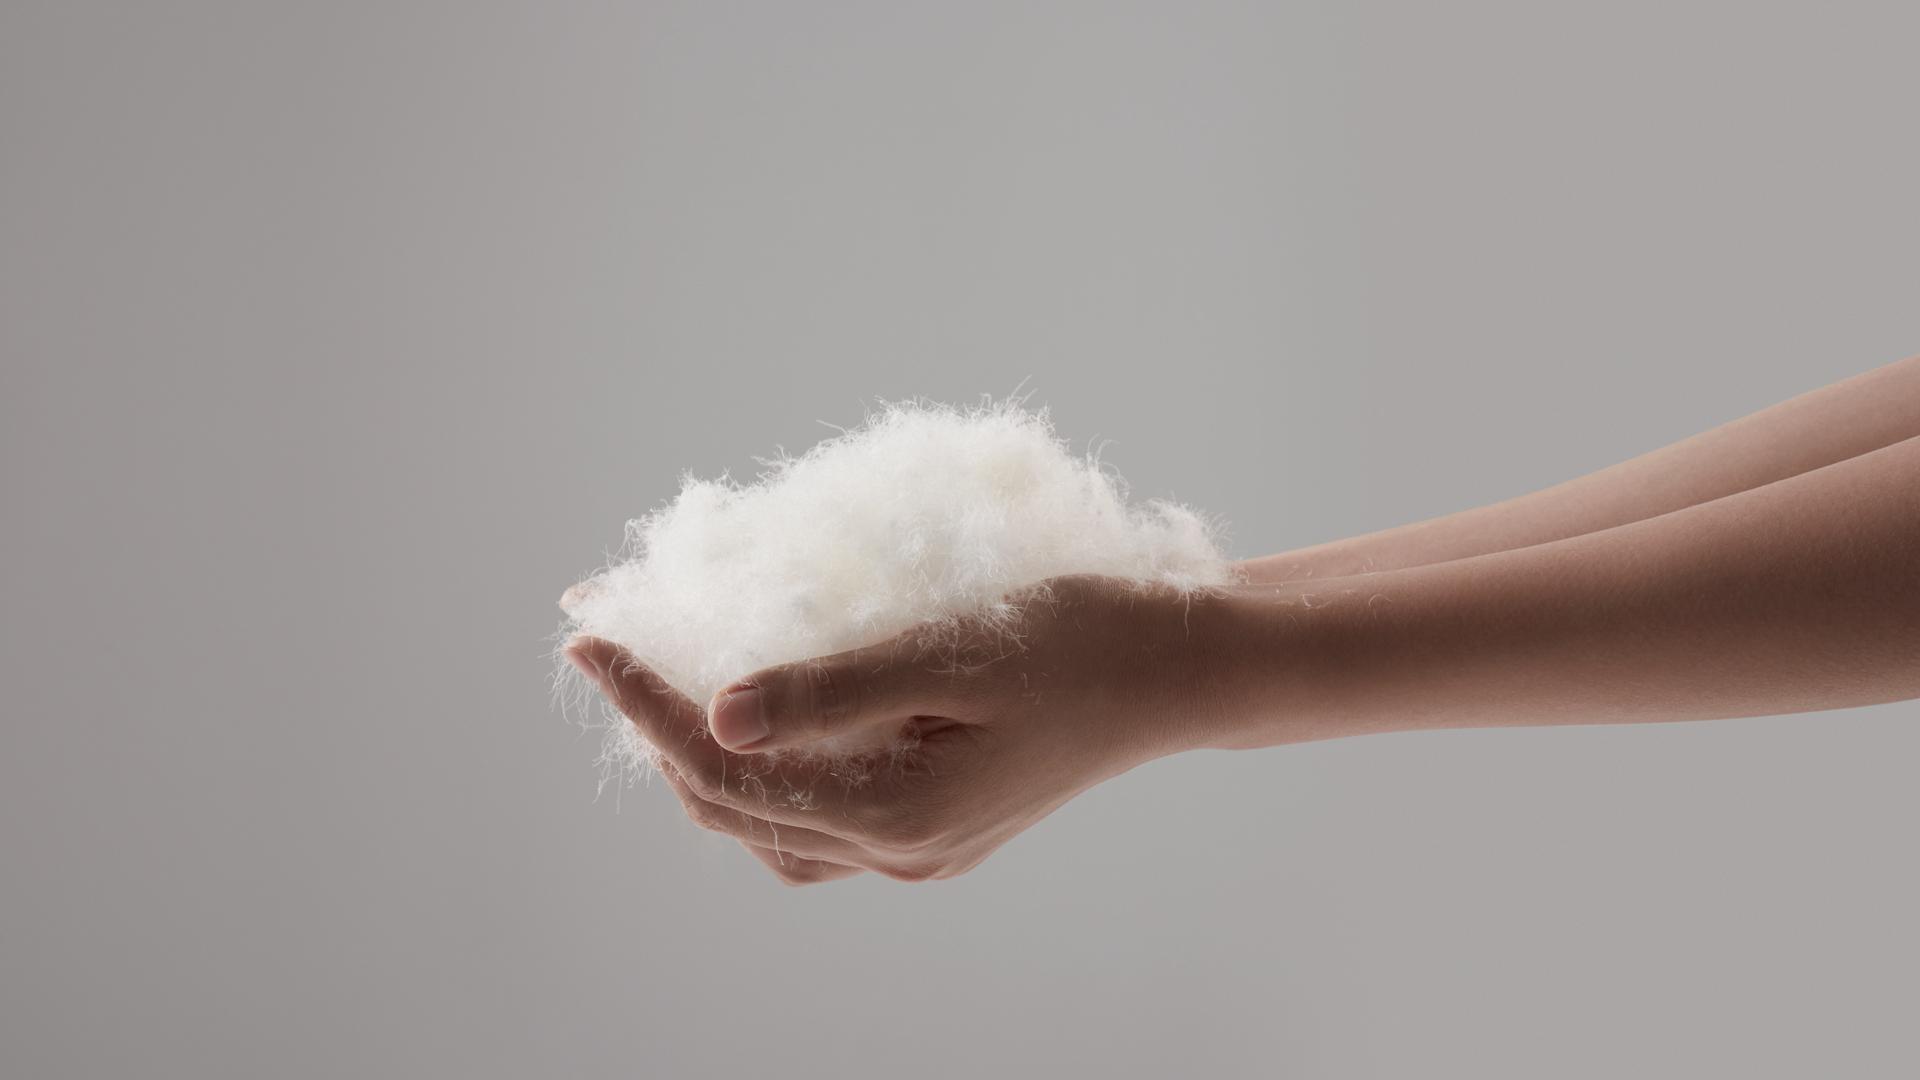 填充净重、含绒量以及蓬松度三个因素决定了鸭绒性能的好坏。我们取白鸭翅下、腹下的朵状初生绒毛,经过8个流程精细加工而得的白鸭绒,填充在枕芯外环,其含绒量达到30%,星朵状结构,带来触感轻柔、质感蓬松、吸汗排湿、透气良好的特点,最大限度降低粘稠闷热感,保证一整夜干爽安睡。